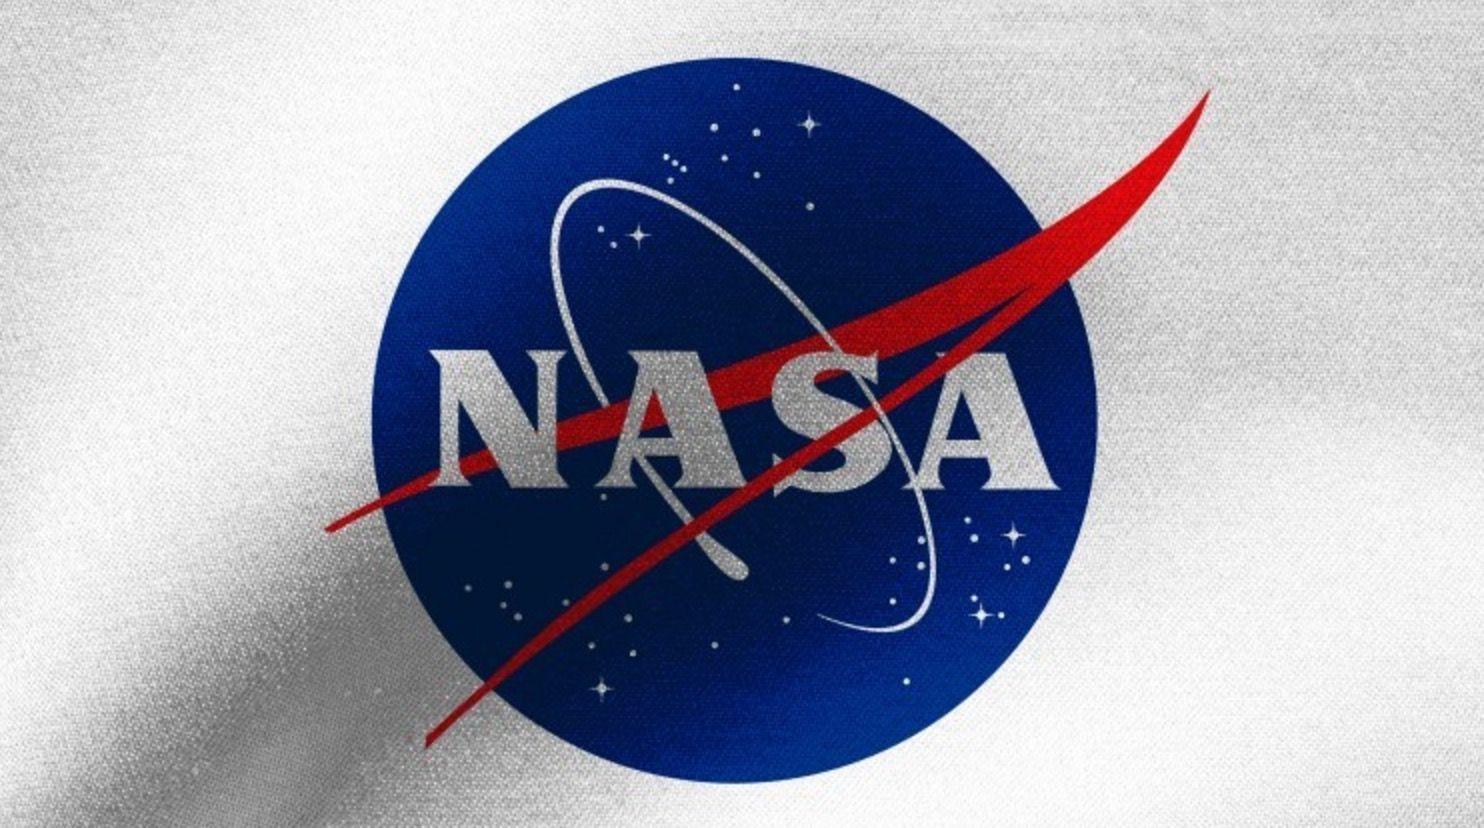 ZBULIMI I SEKRETEVE / Të vërtetat e parrëfyera të NASAs